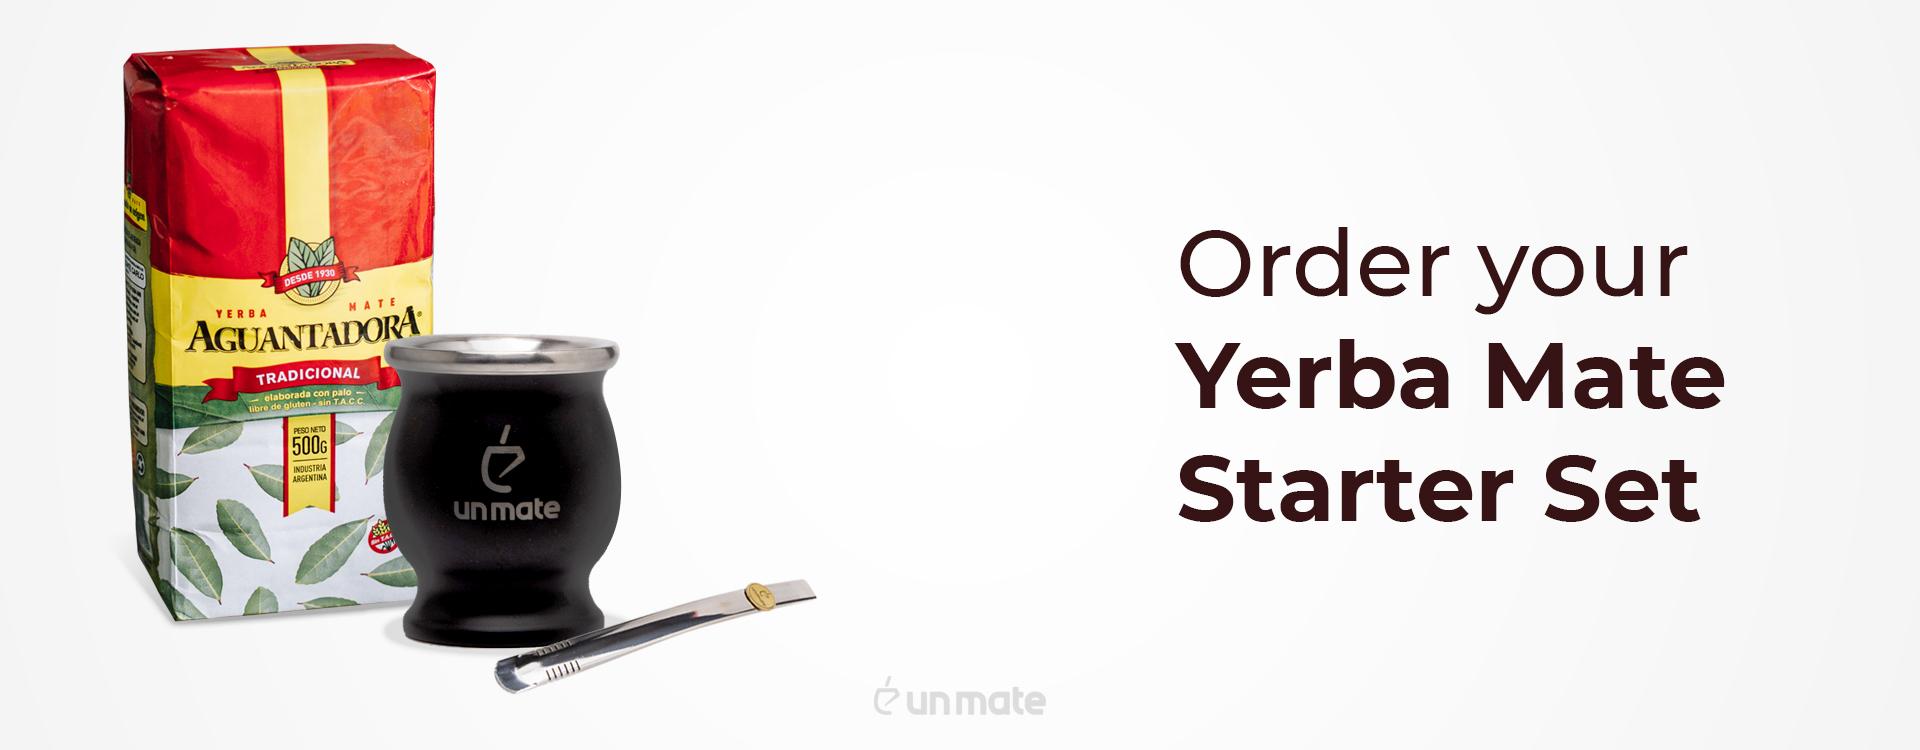 Order Yerba Mate Starter Set